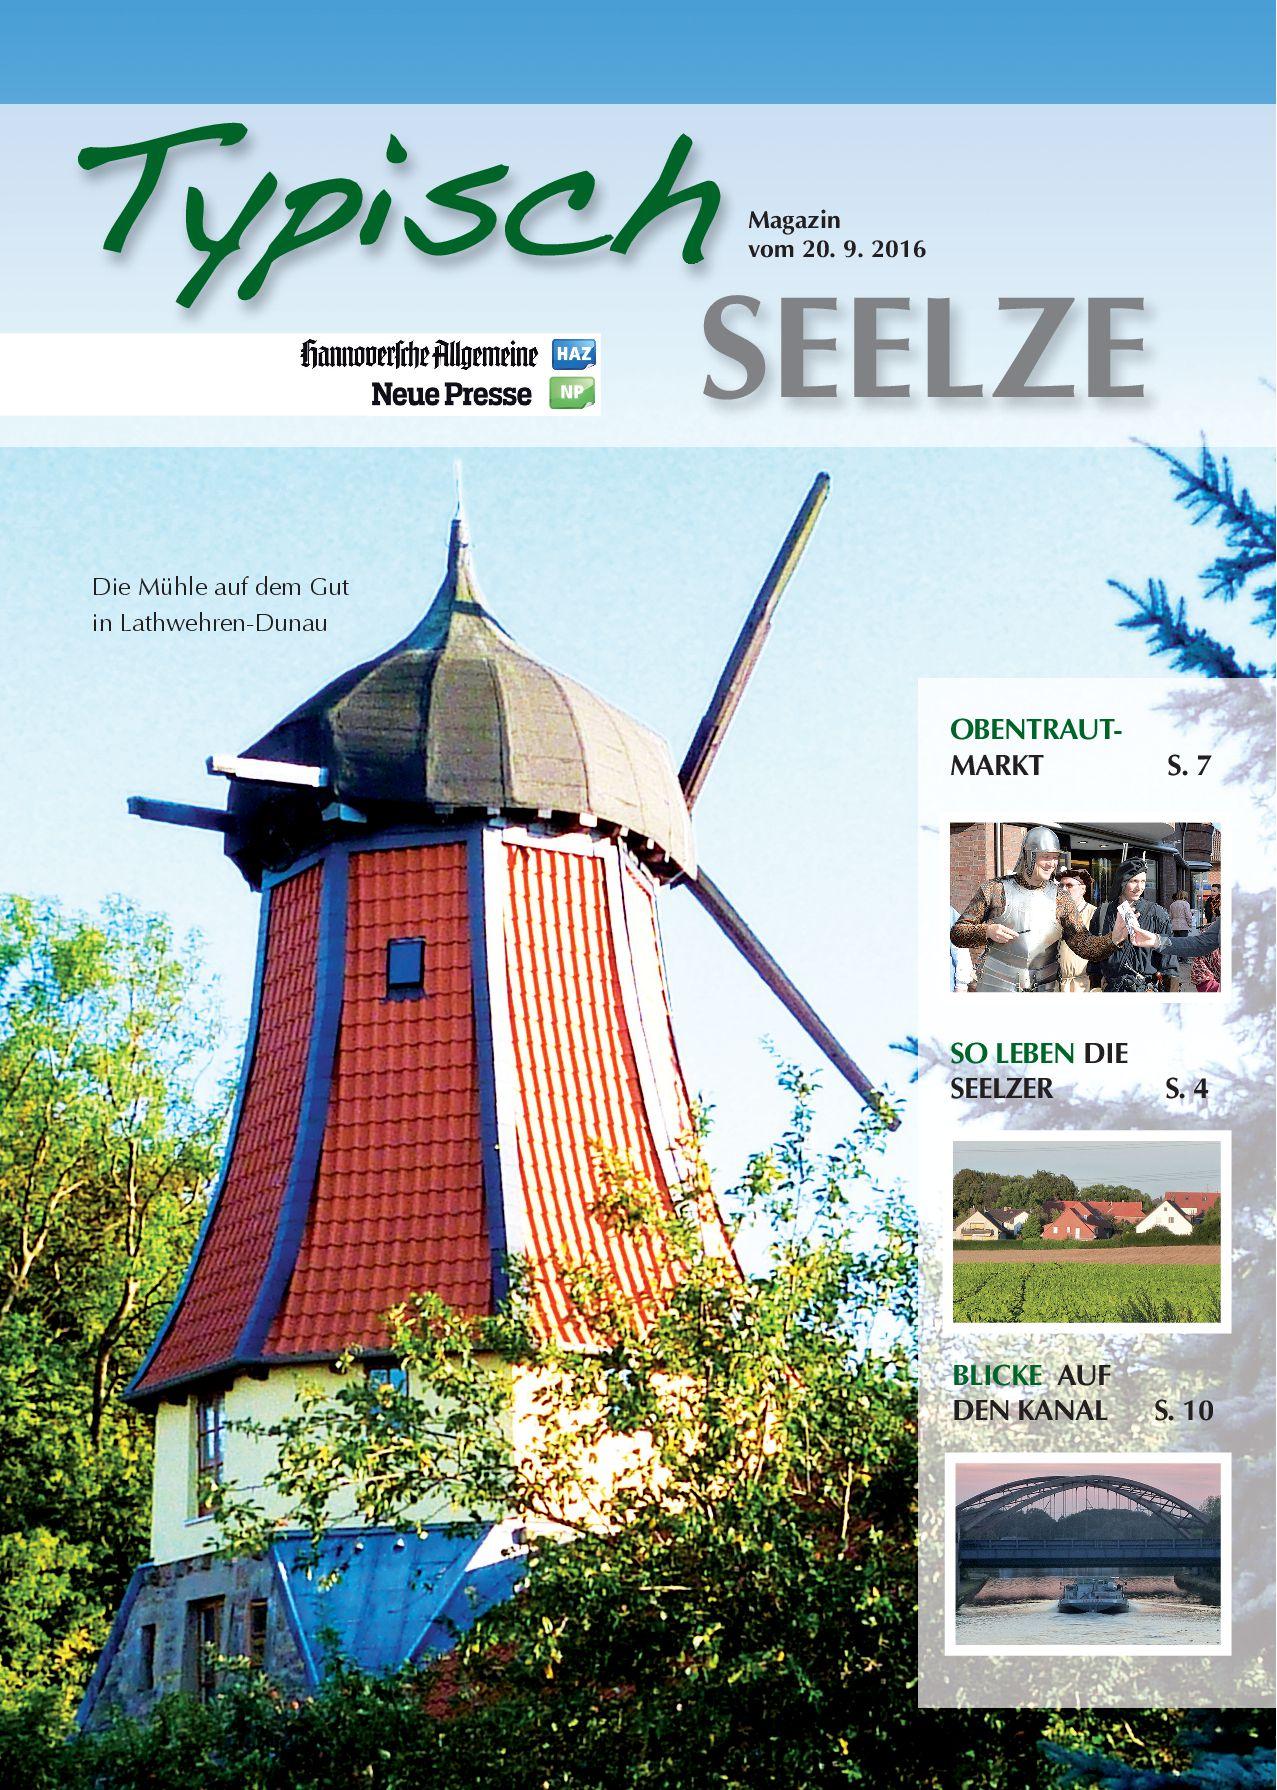 Titelseite von Typisch Seelze: die Gutsmühle in Dunau-Lathwehren